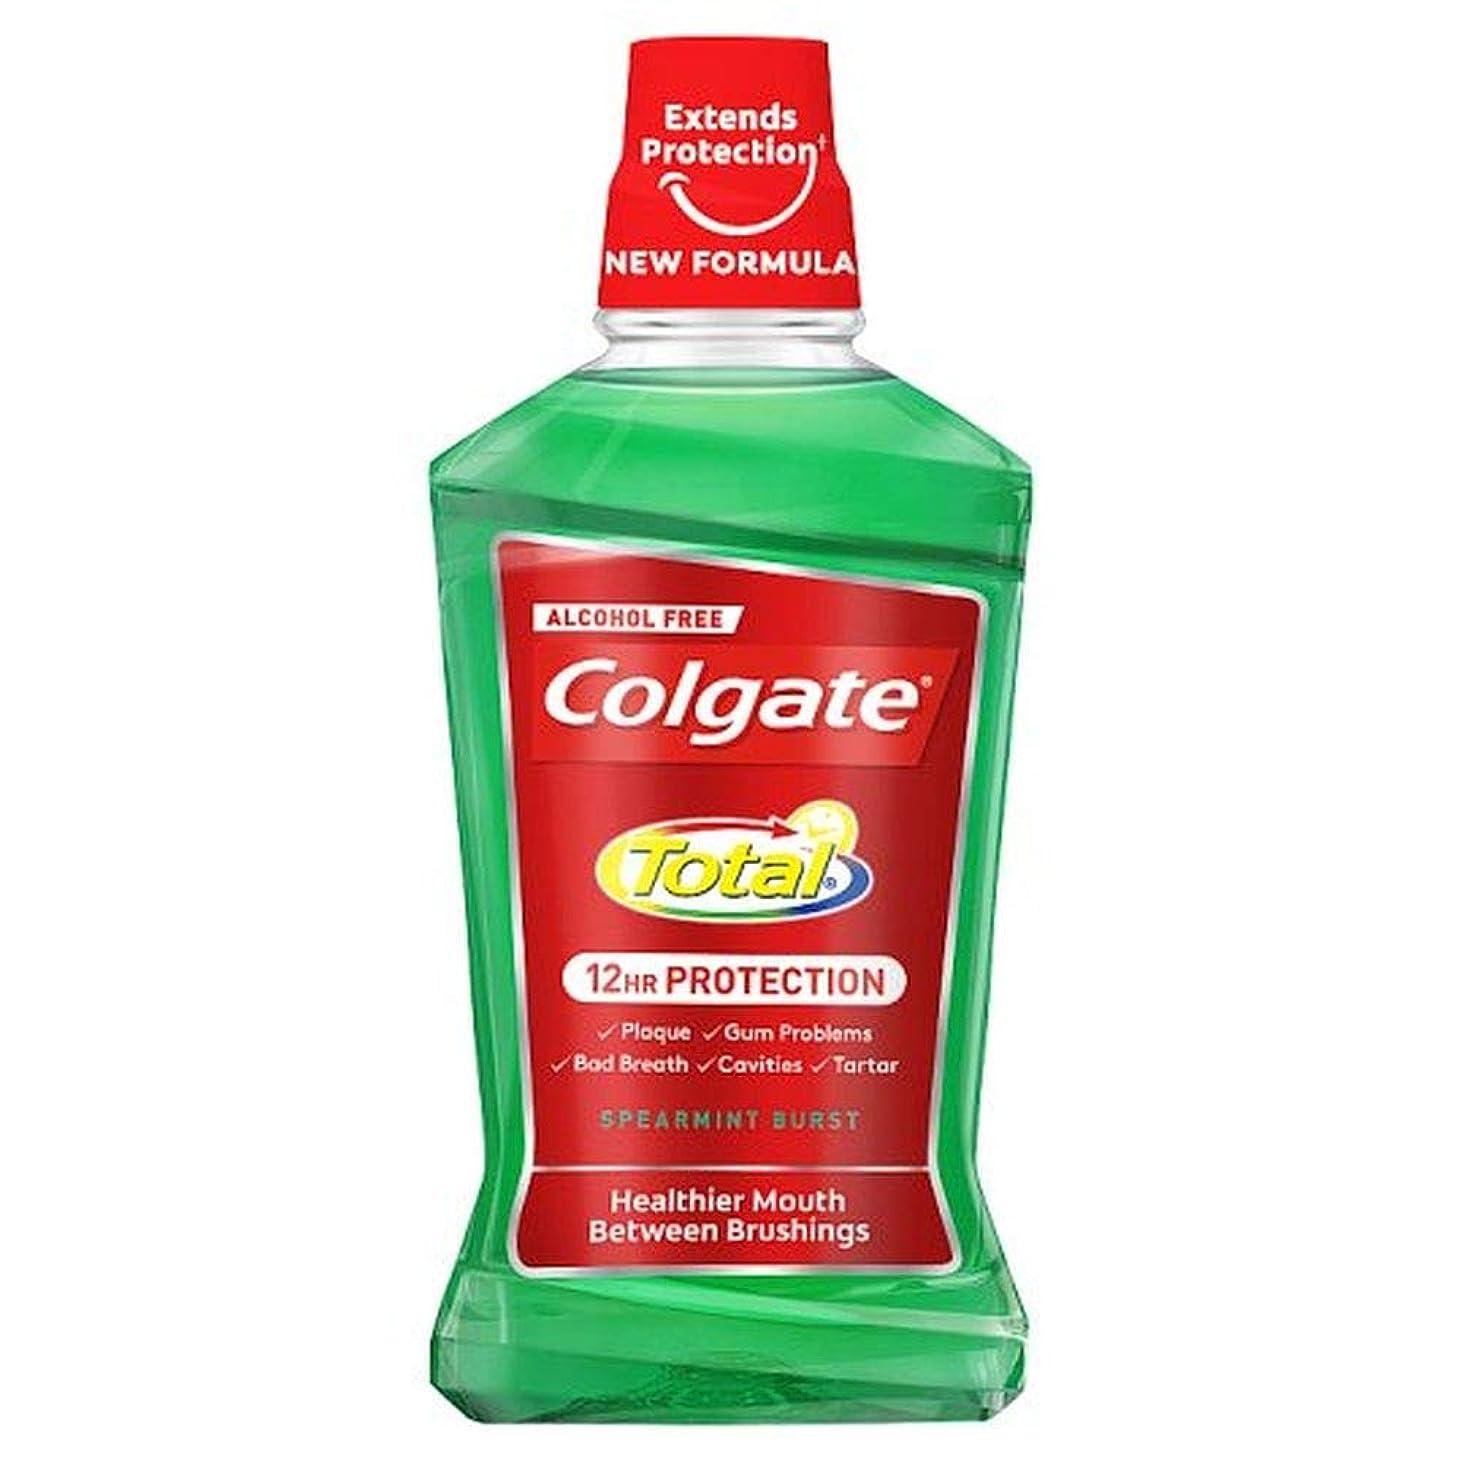 本能スラム街司教[Colgate ] コルゲートトータル高度なスペアミントマウスウォッシュ500ミリリットル - Colgate Total Advanced Spearmint Mouthwash 500Ml [並行輸入品]